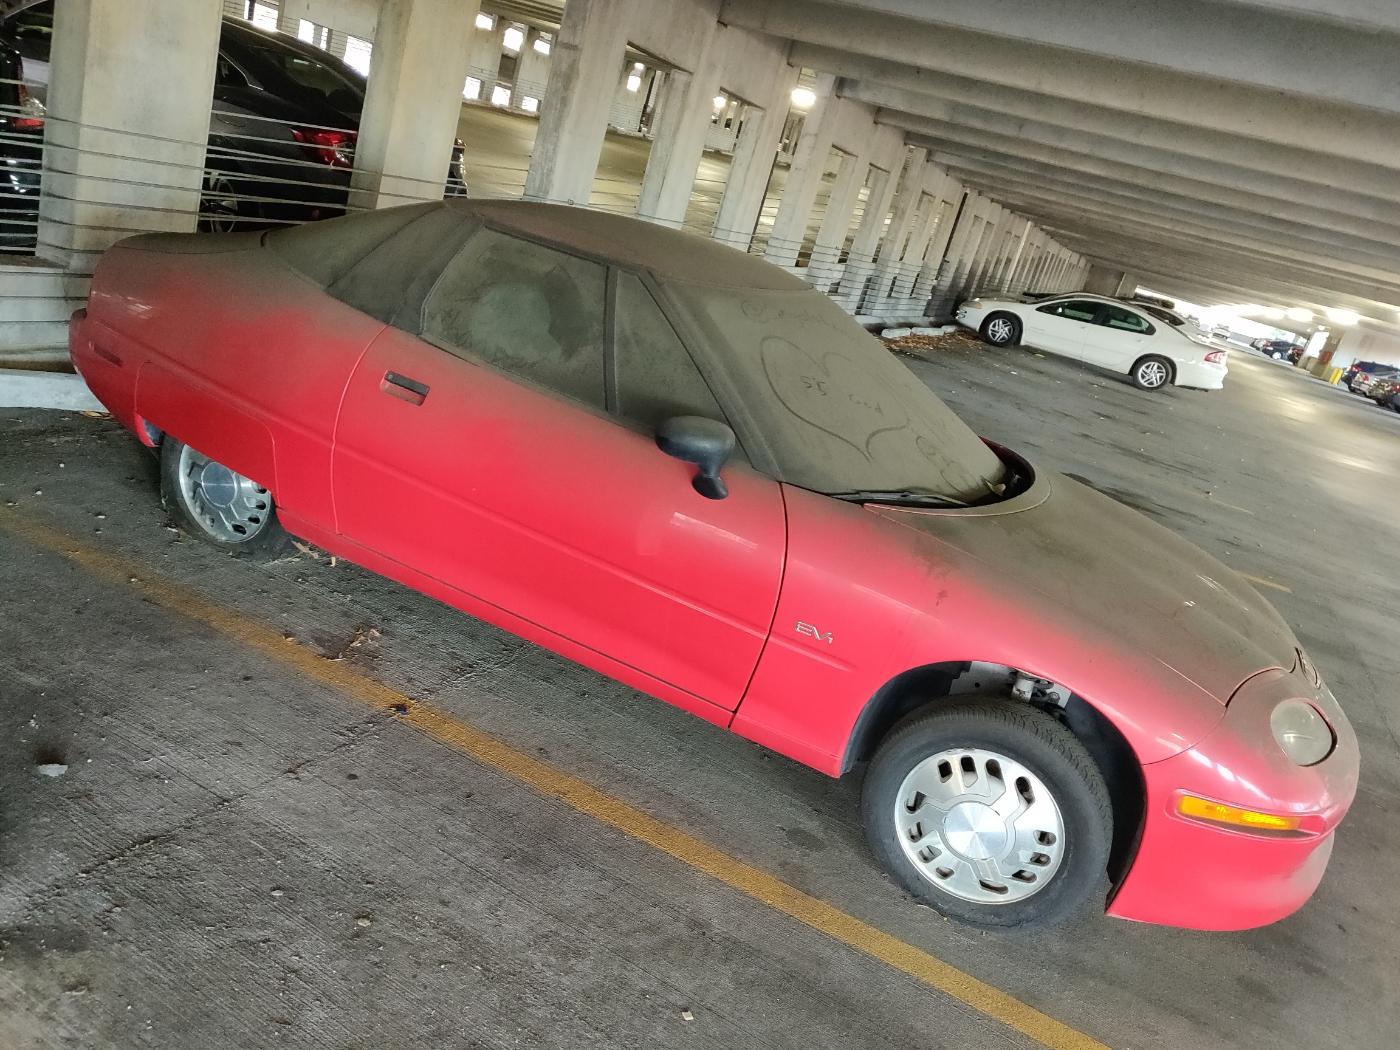 dusty EV1 car in parking garage